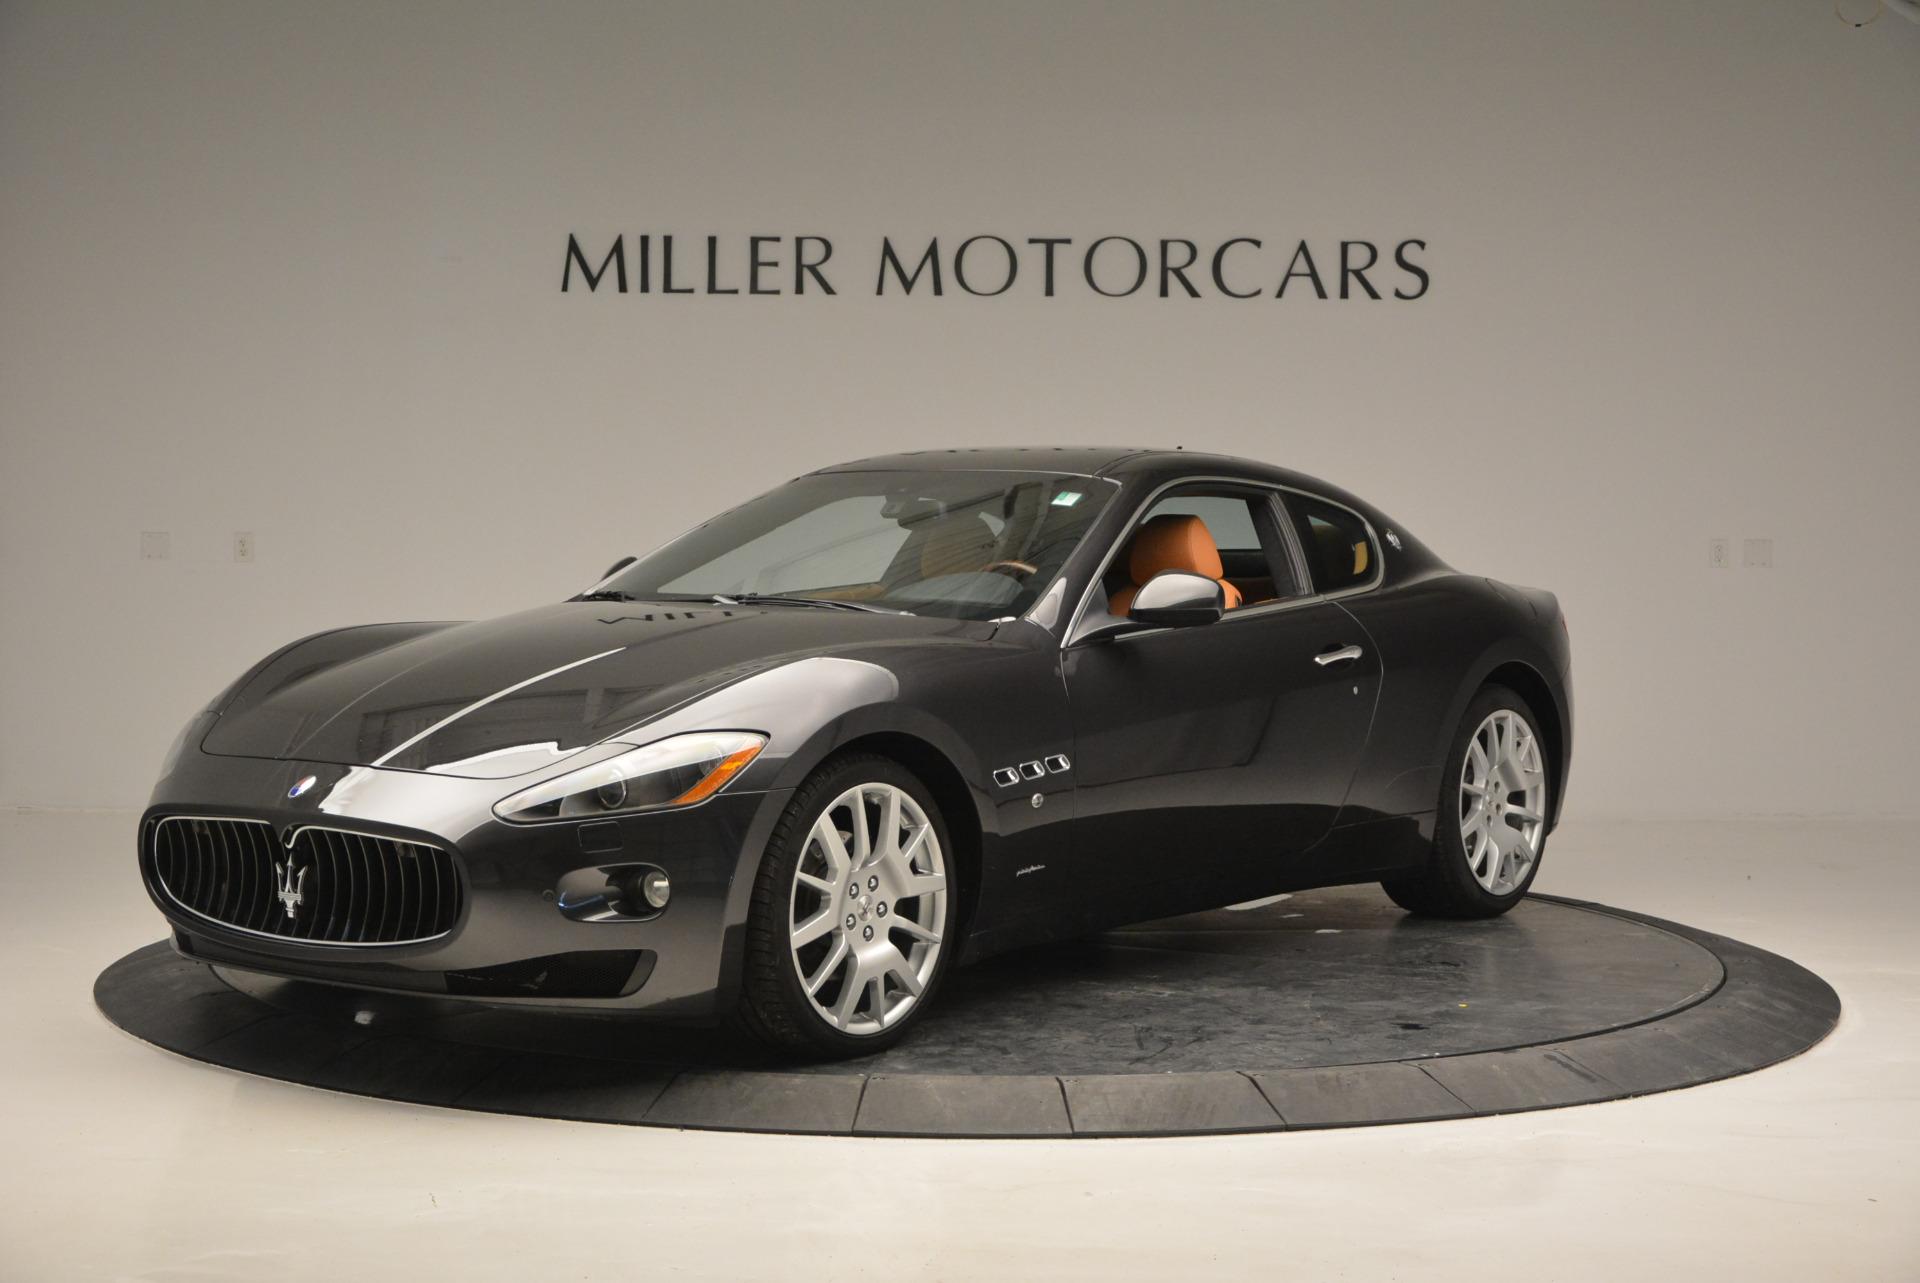 Used 2011 Maserati GranTurismo  For Sale In Greenwich, CT. Alfa Romeo of Greenwich, 7128 816_p2